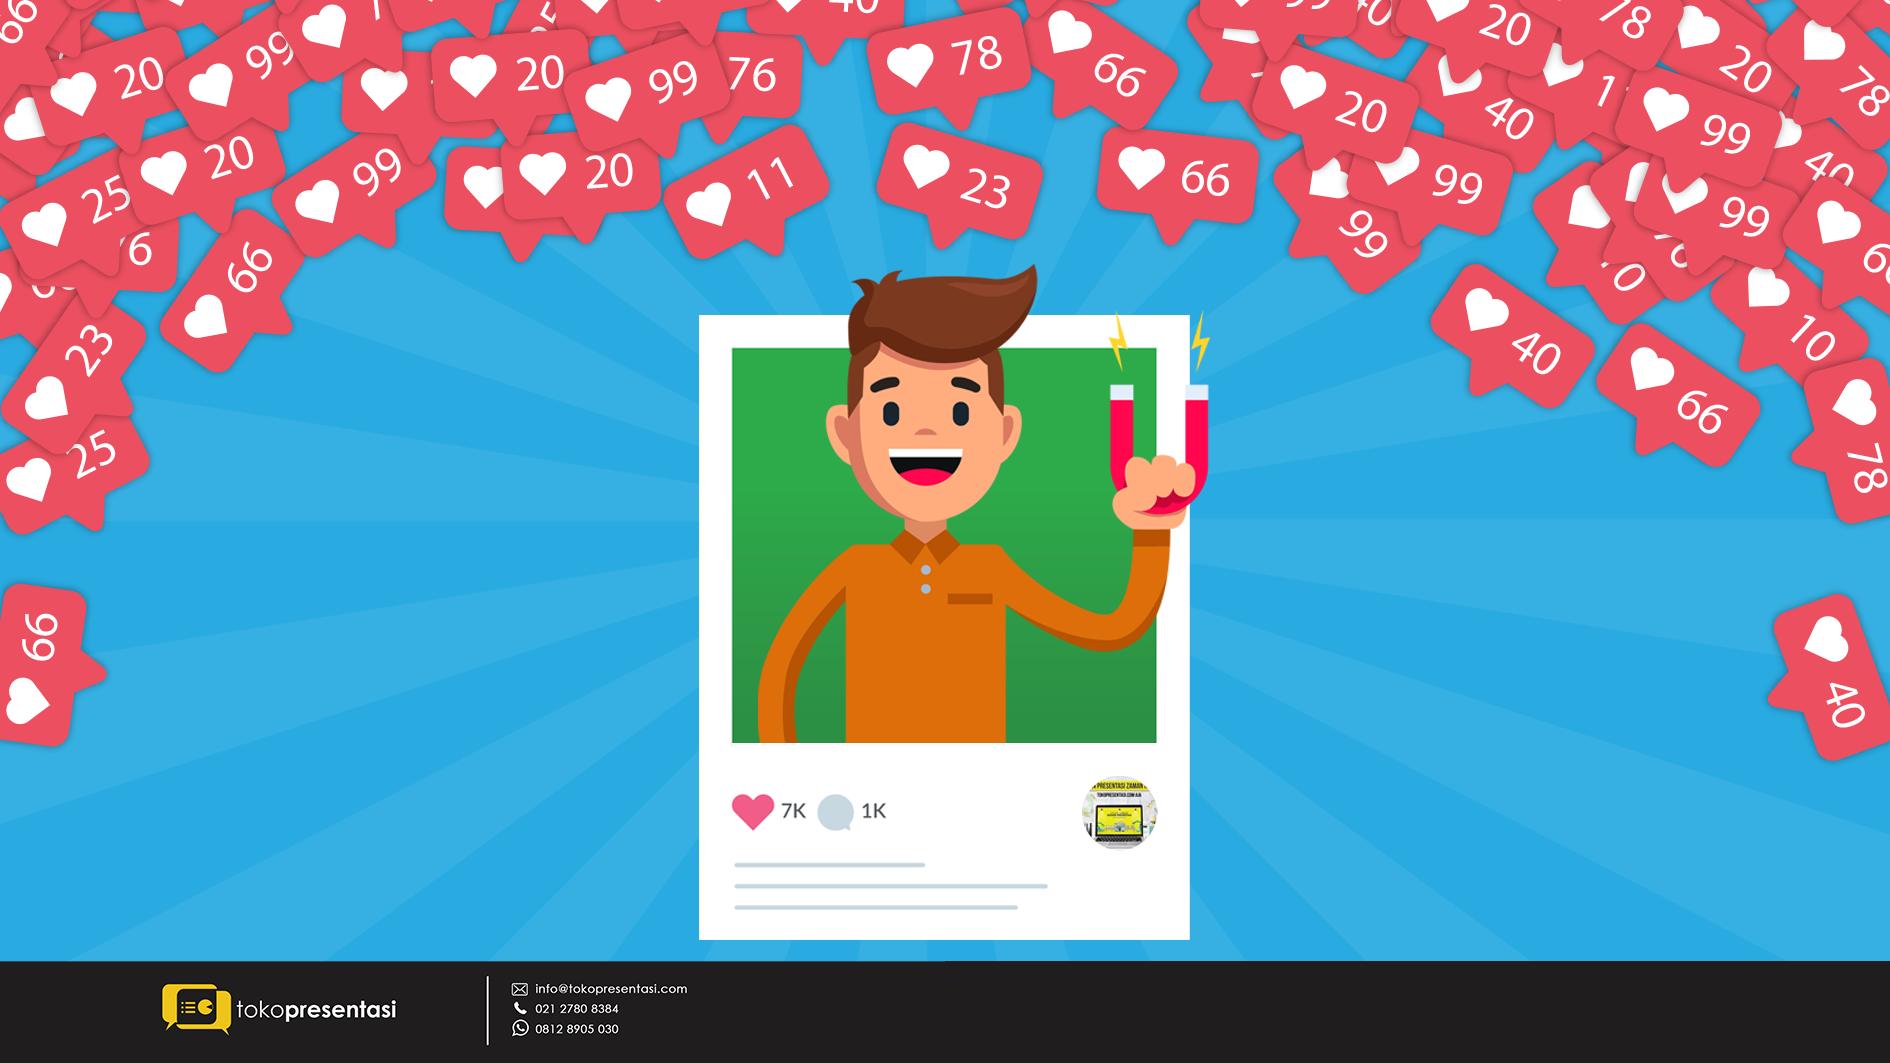 5 Cara Membuat Konten Instagram yang Menarik Tokopresentasi